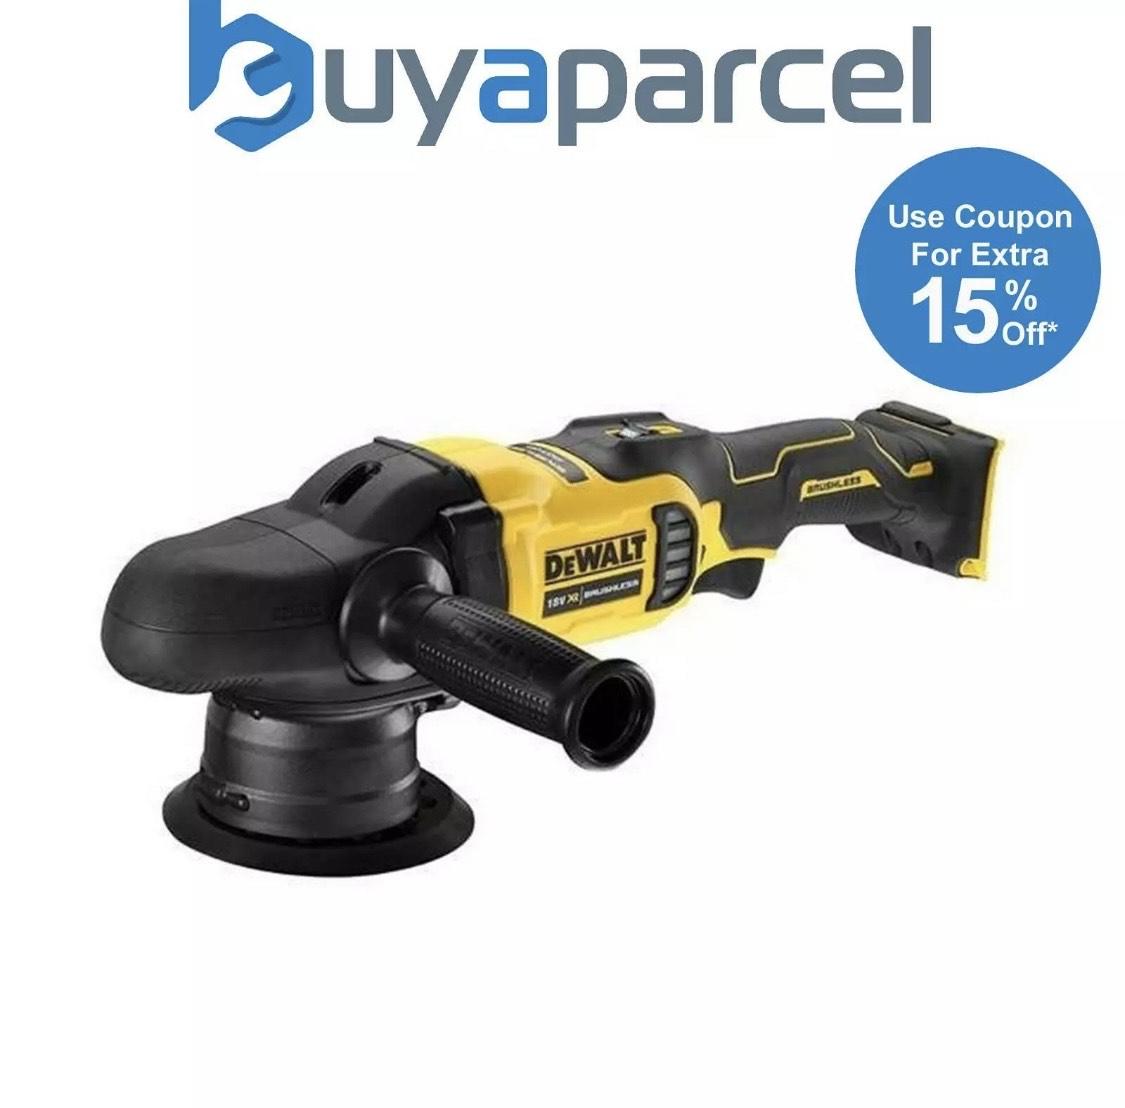 Dewalt 18v dual action polisher DCM848N £152.99 at buyaparcel-store ebay